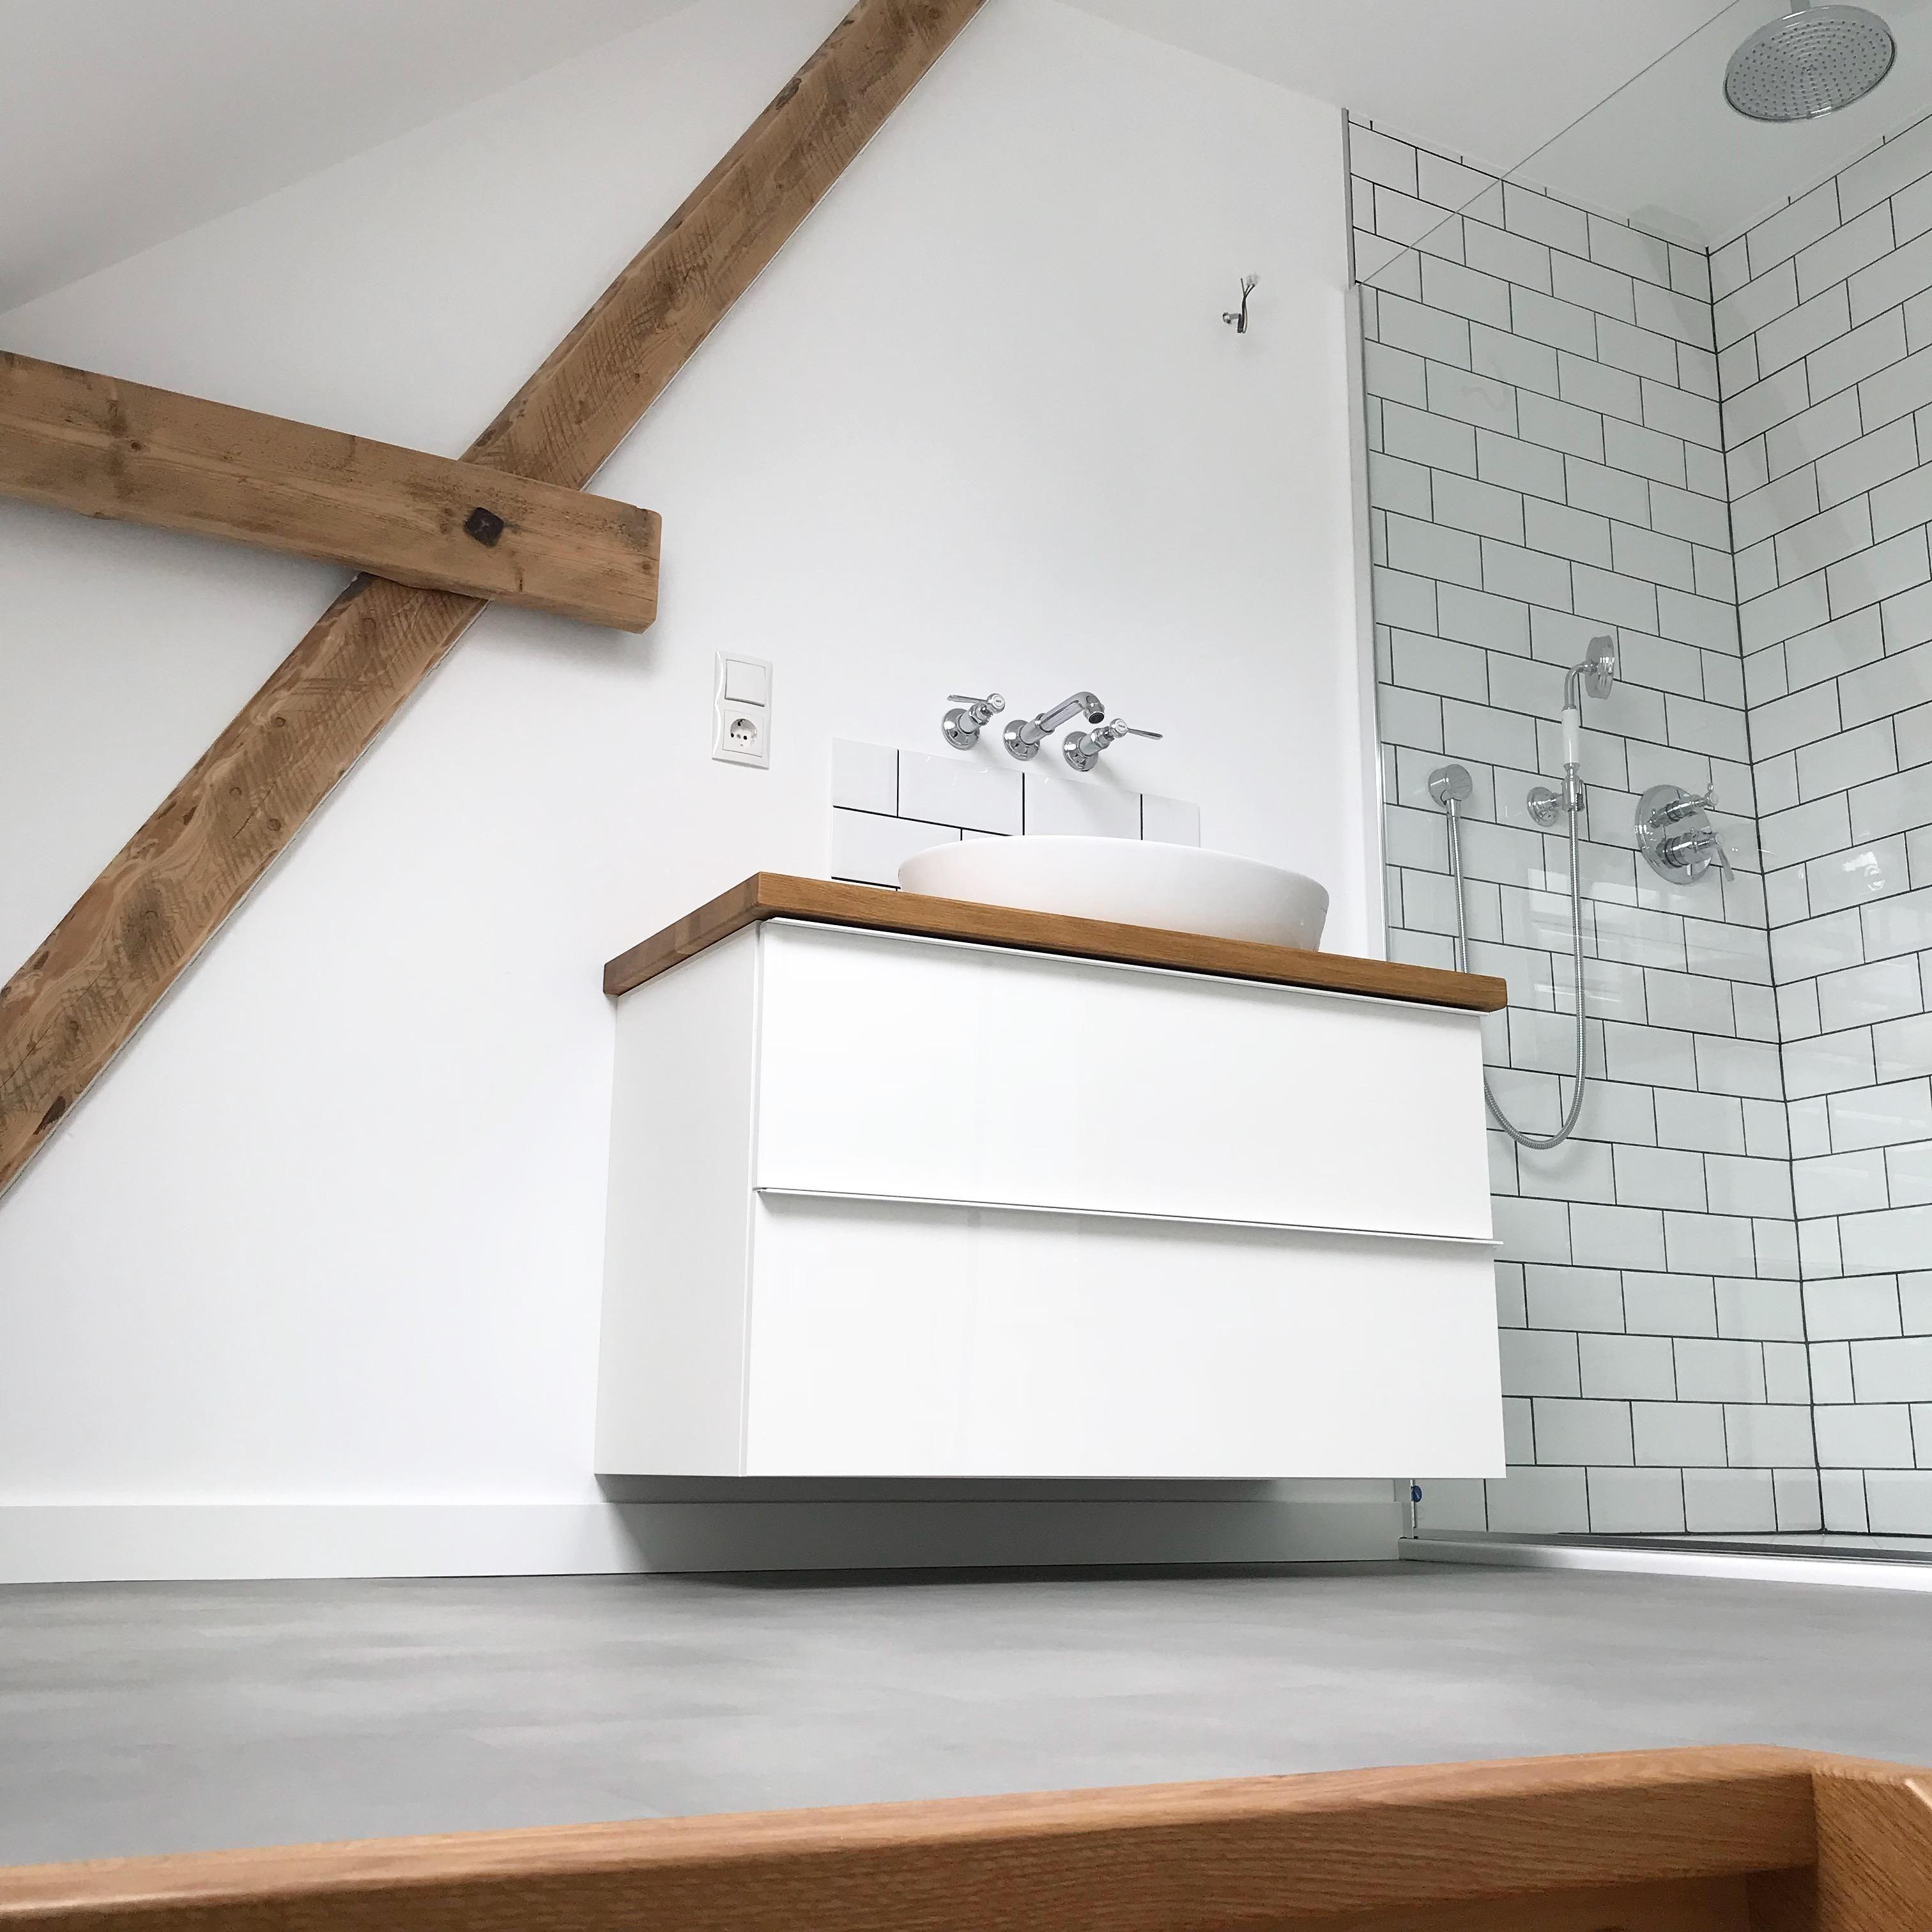 Bald Ist Das Bad Fertig Badezimmer Dusche Was Badezimmer Badezimmerideen Badezimmer Waschtische